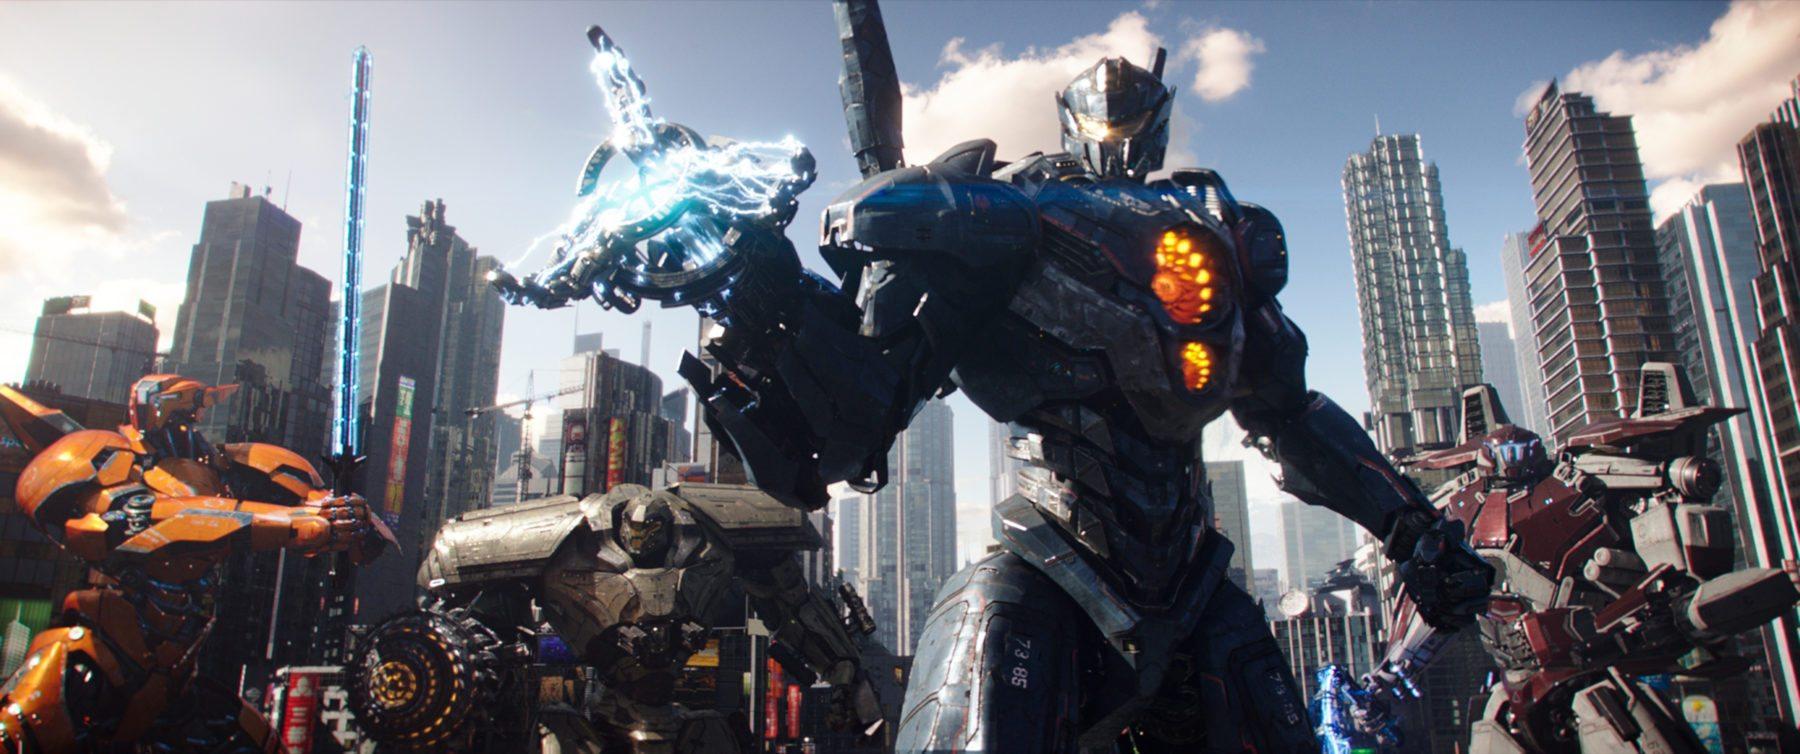 Cómo iba a terminar originalmente la versión de Pacific Rim 2 de Guillermo del Toro